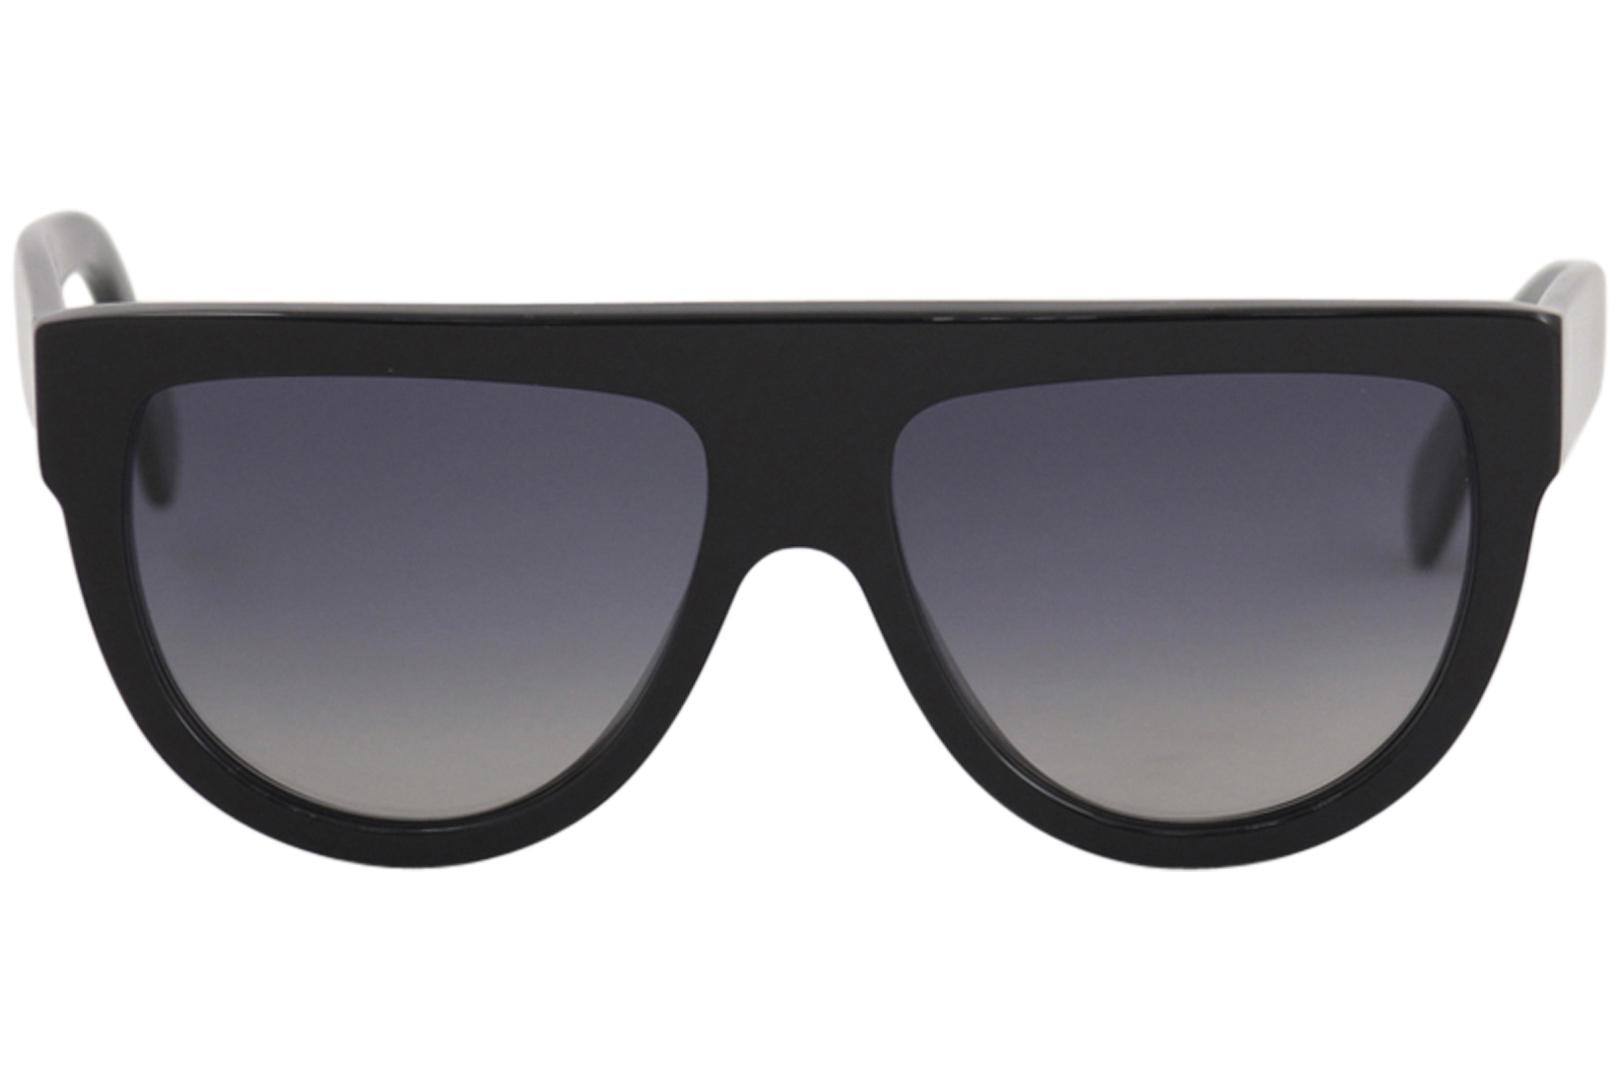 2eecbd916ca Celine Women s CL40004L CL 40004 L Fashion Pilot Sunglasses by Celine